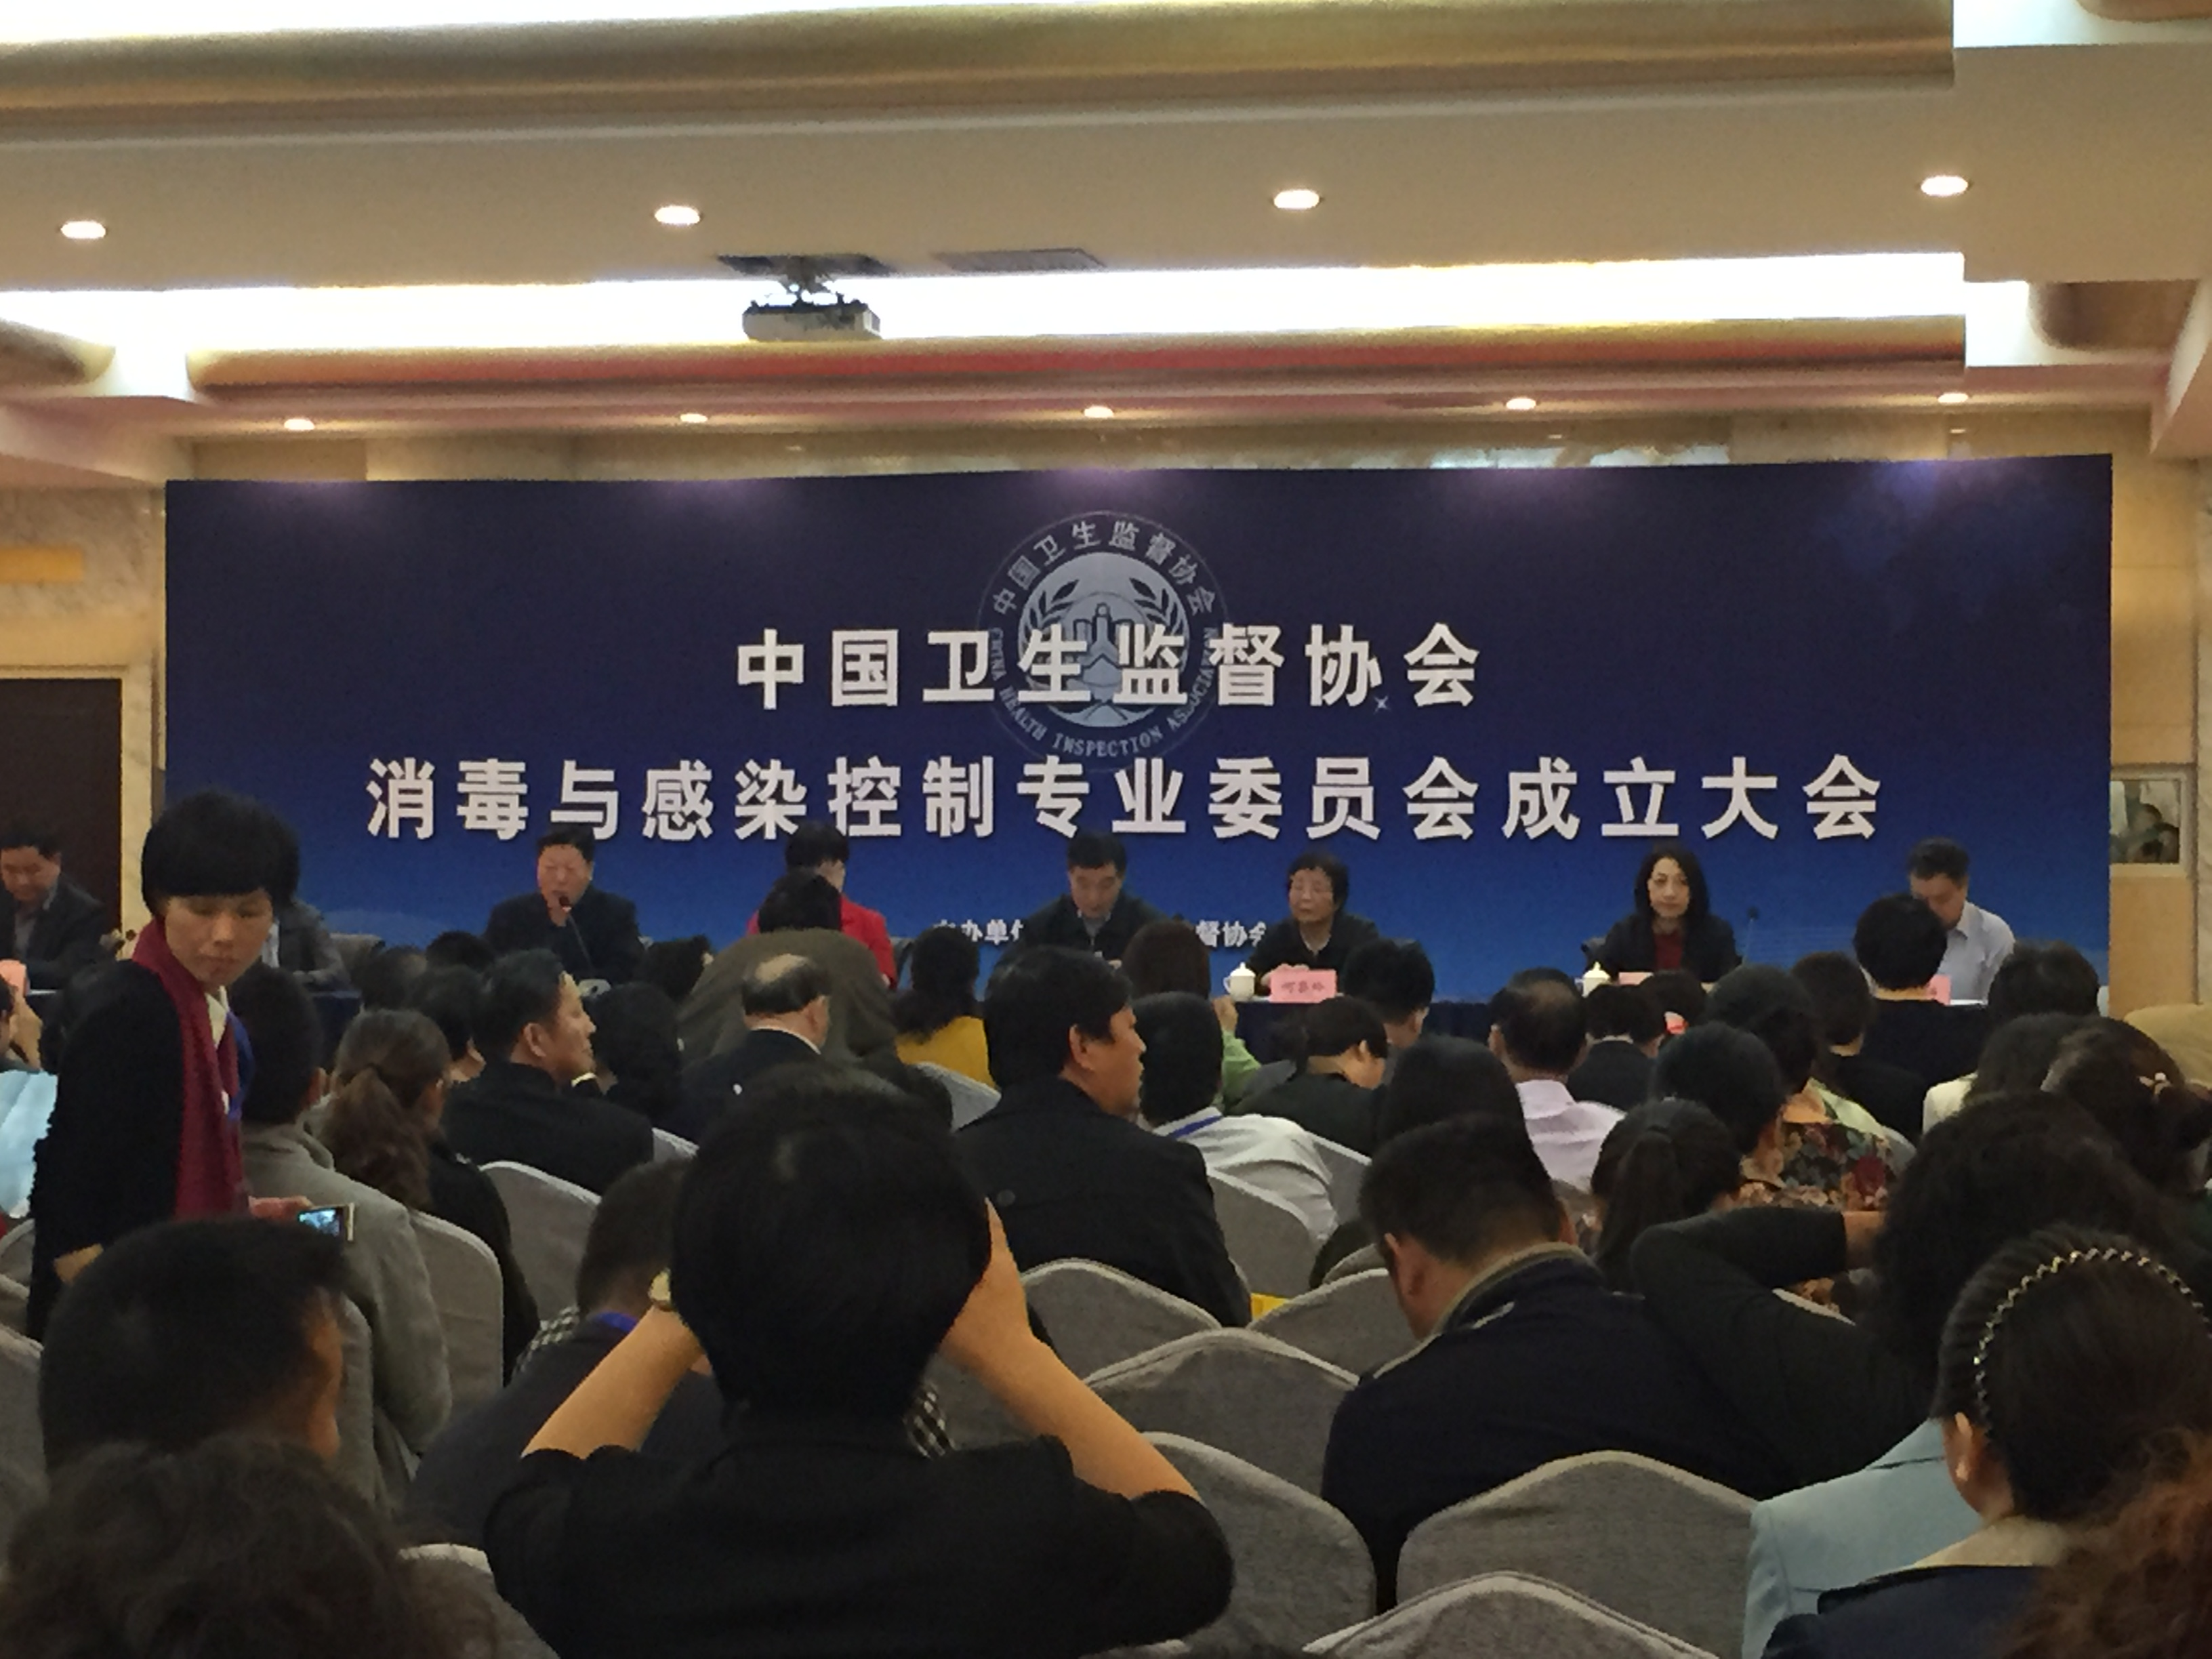 省bob娱乐标技委受邀参加中国卫生监督协会bob娱乐与感染控制专业委员会成立大会